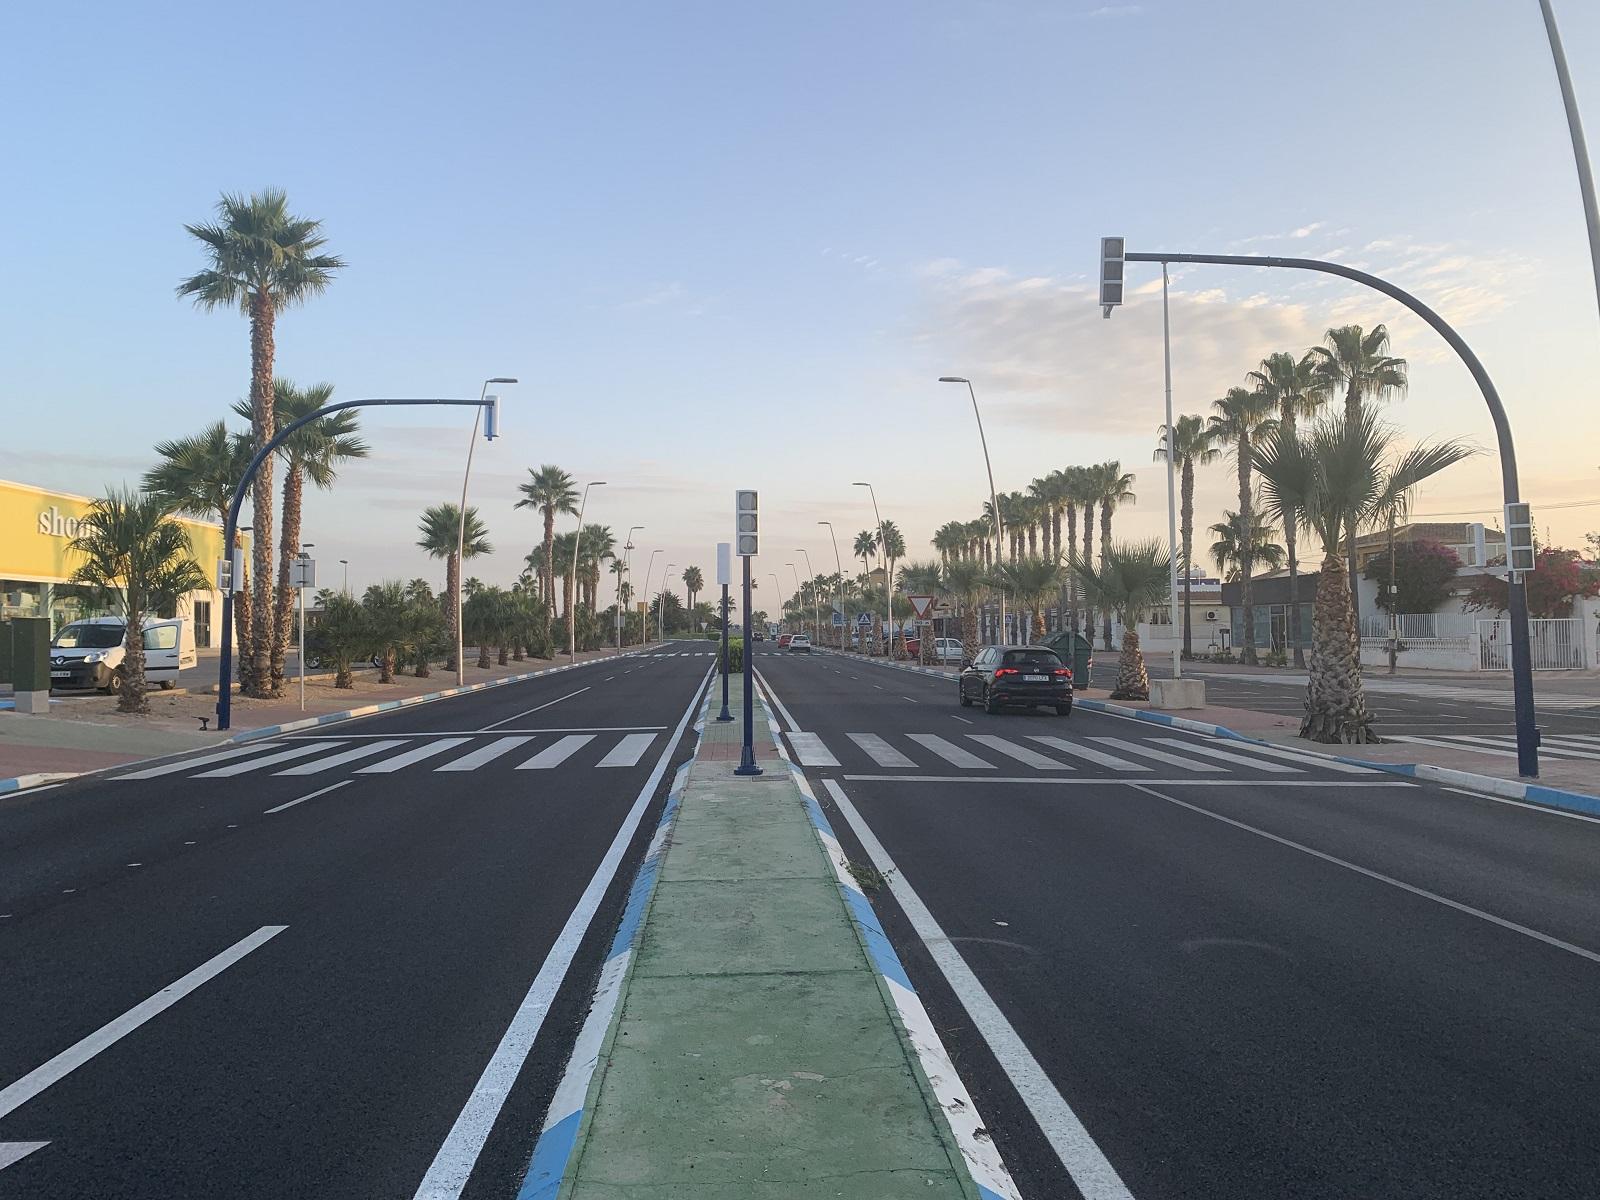 El solicitado semáforo aumenta la seguridad vial en Roda